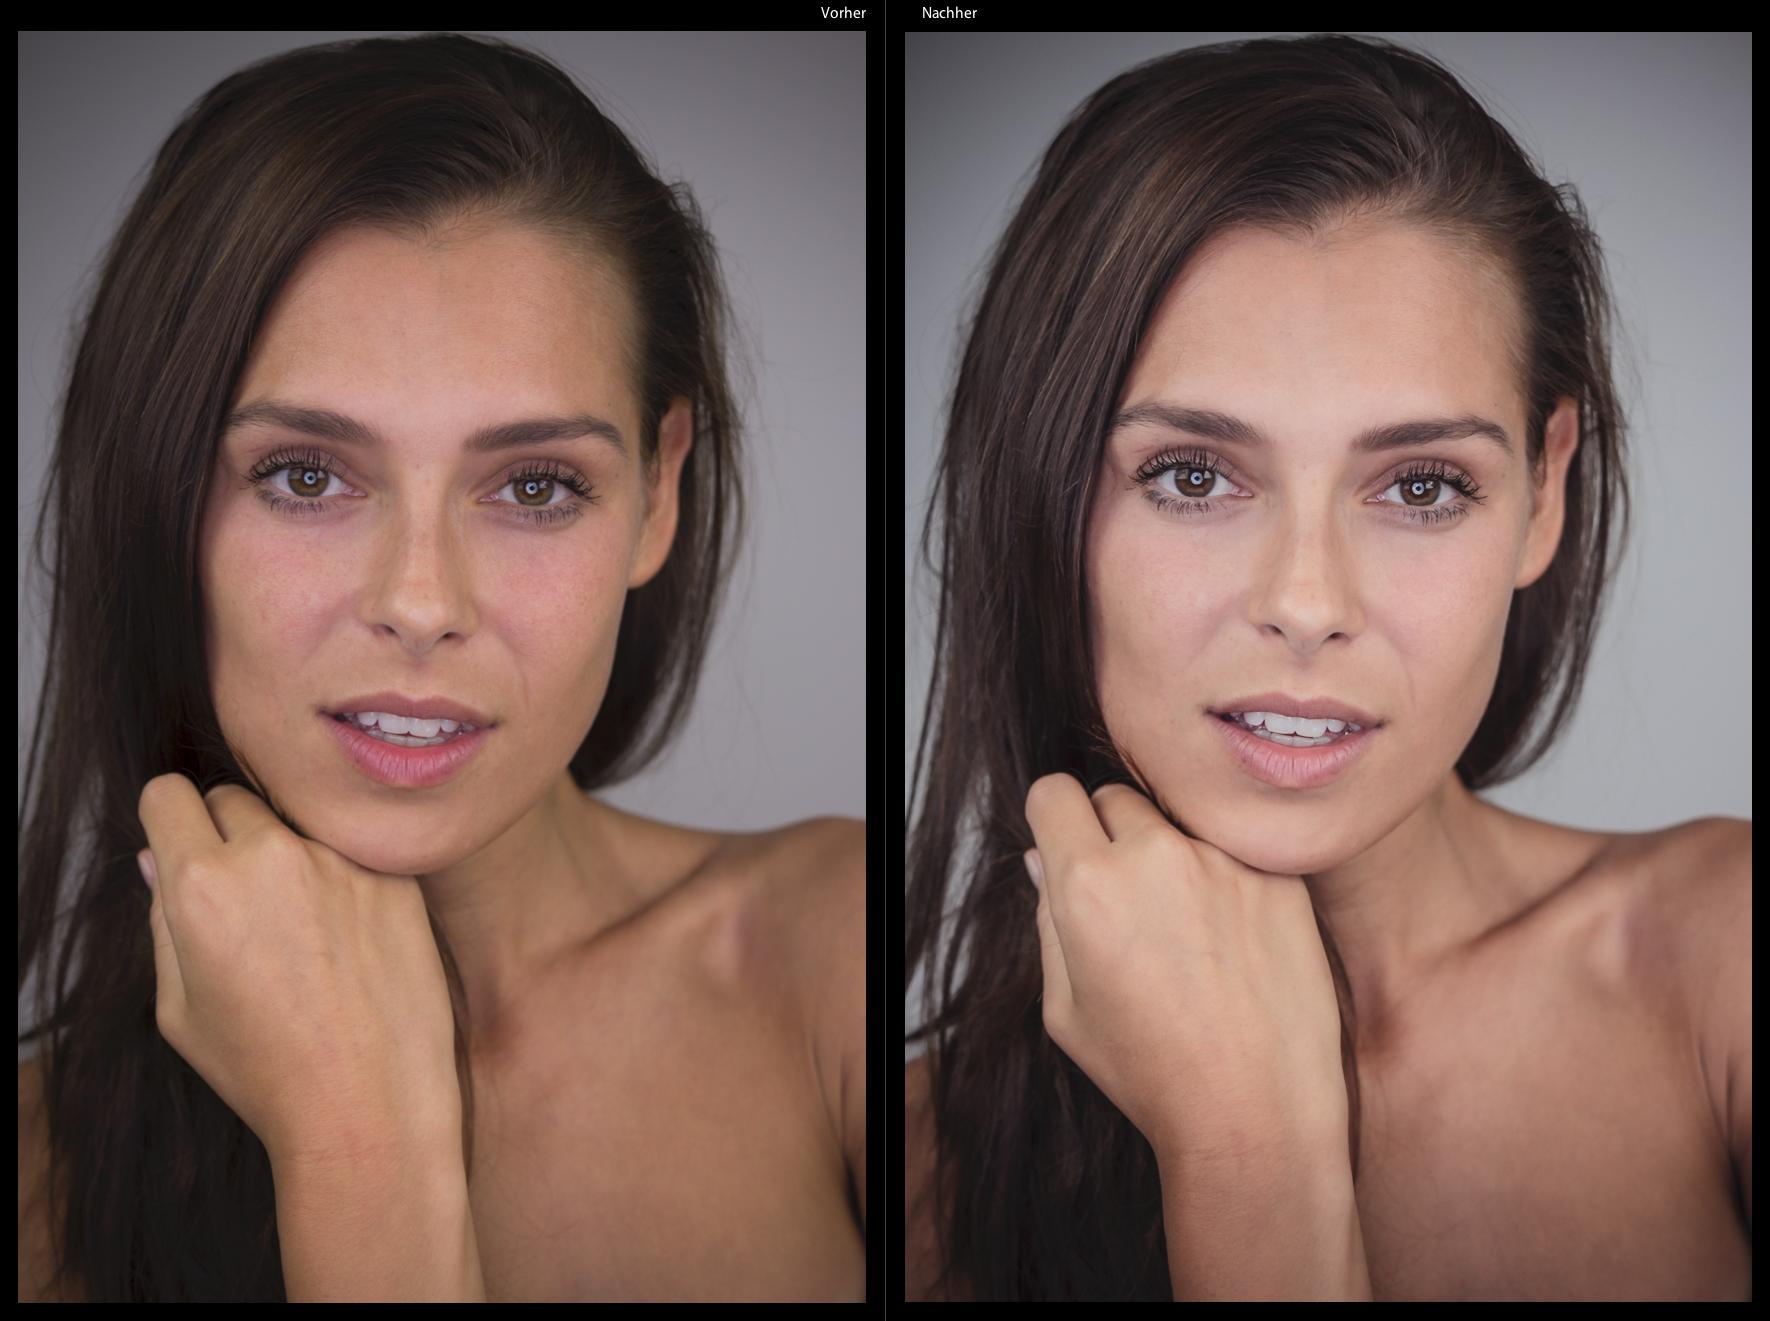 MS-beauty_Goldhaut-Vergleich